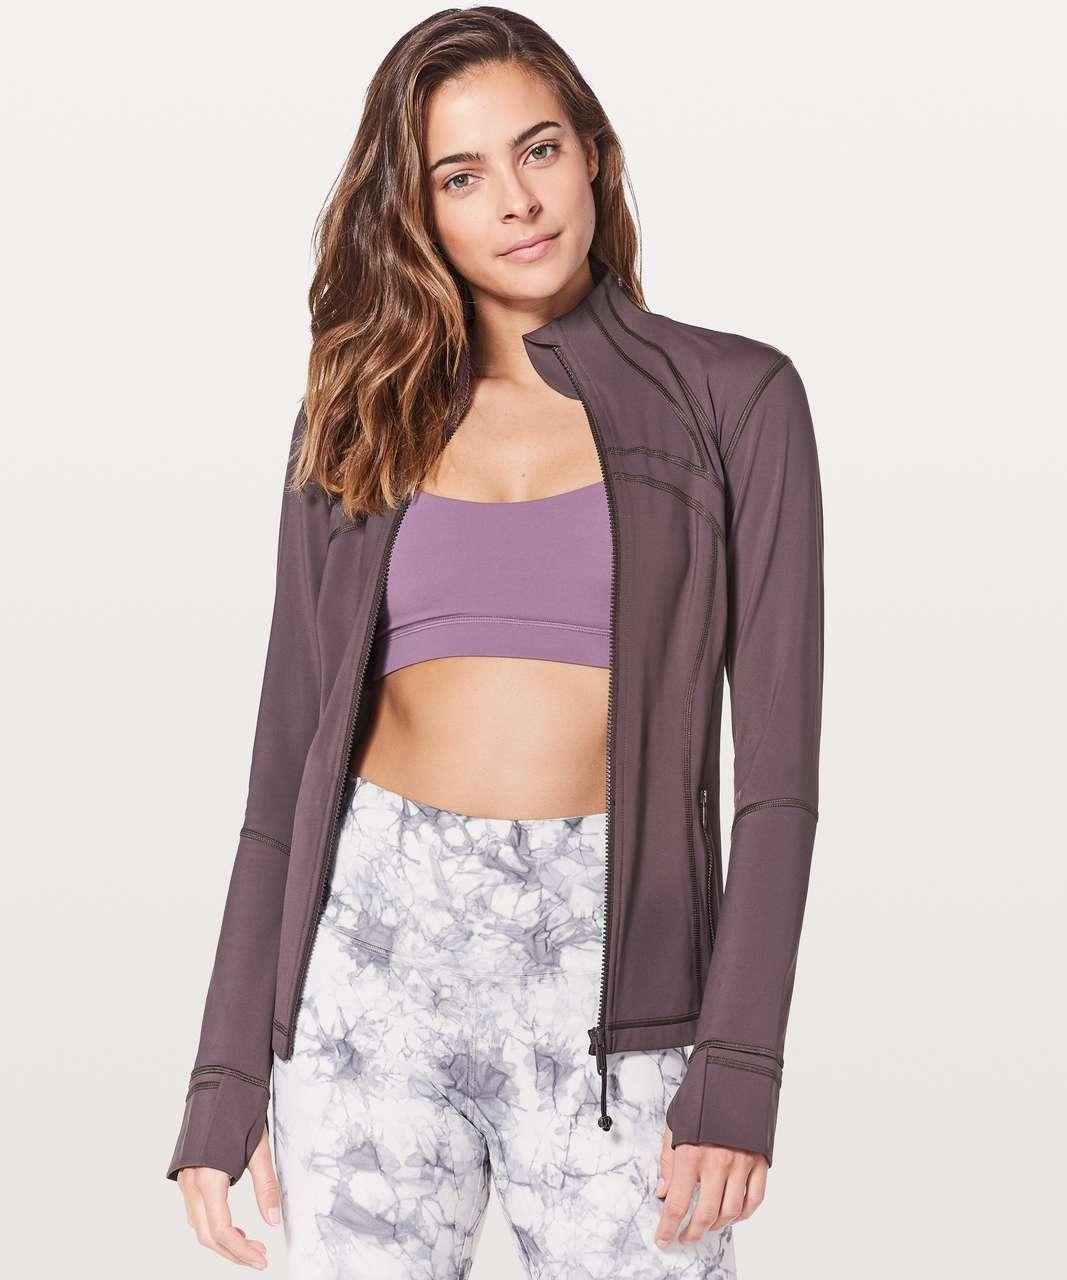 Lululemon Define Jacket *Nulux - Vintage Grape